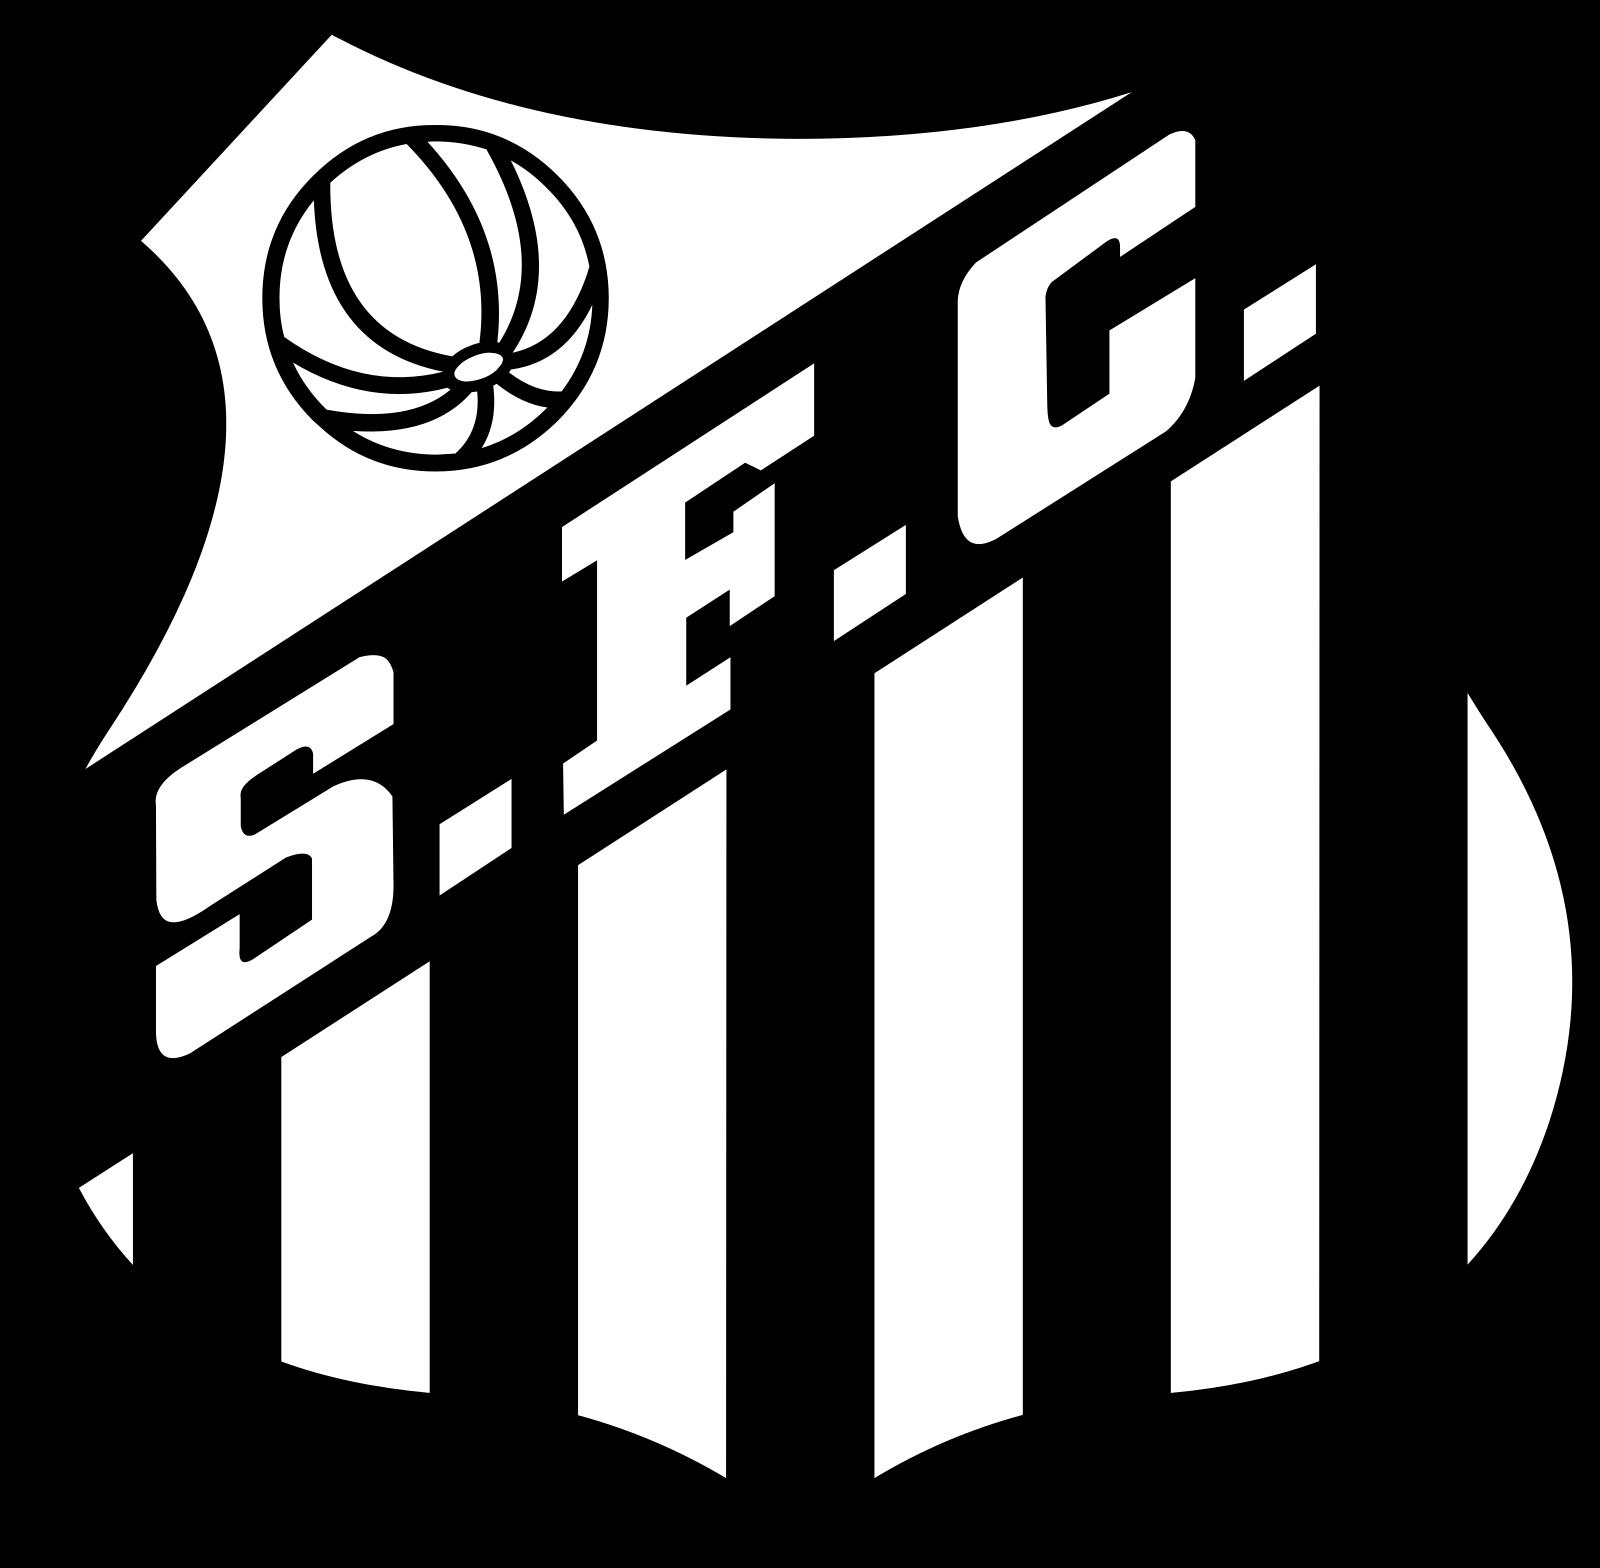 santos-logo-escudo-5